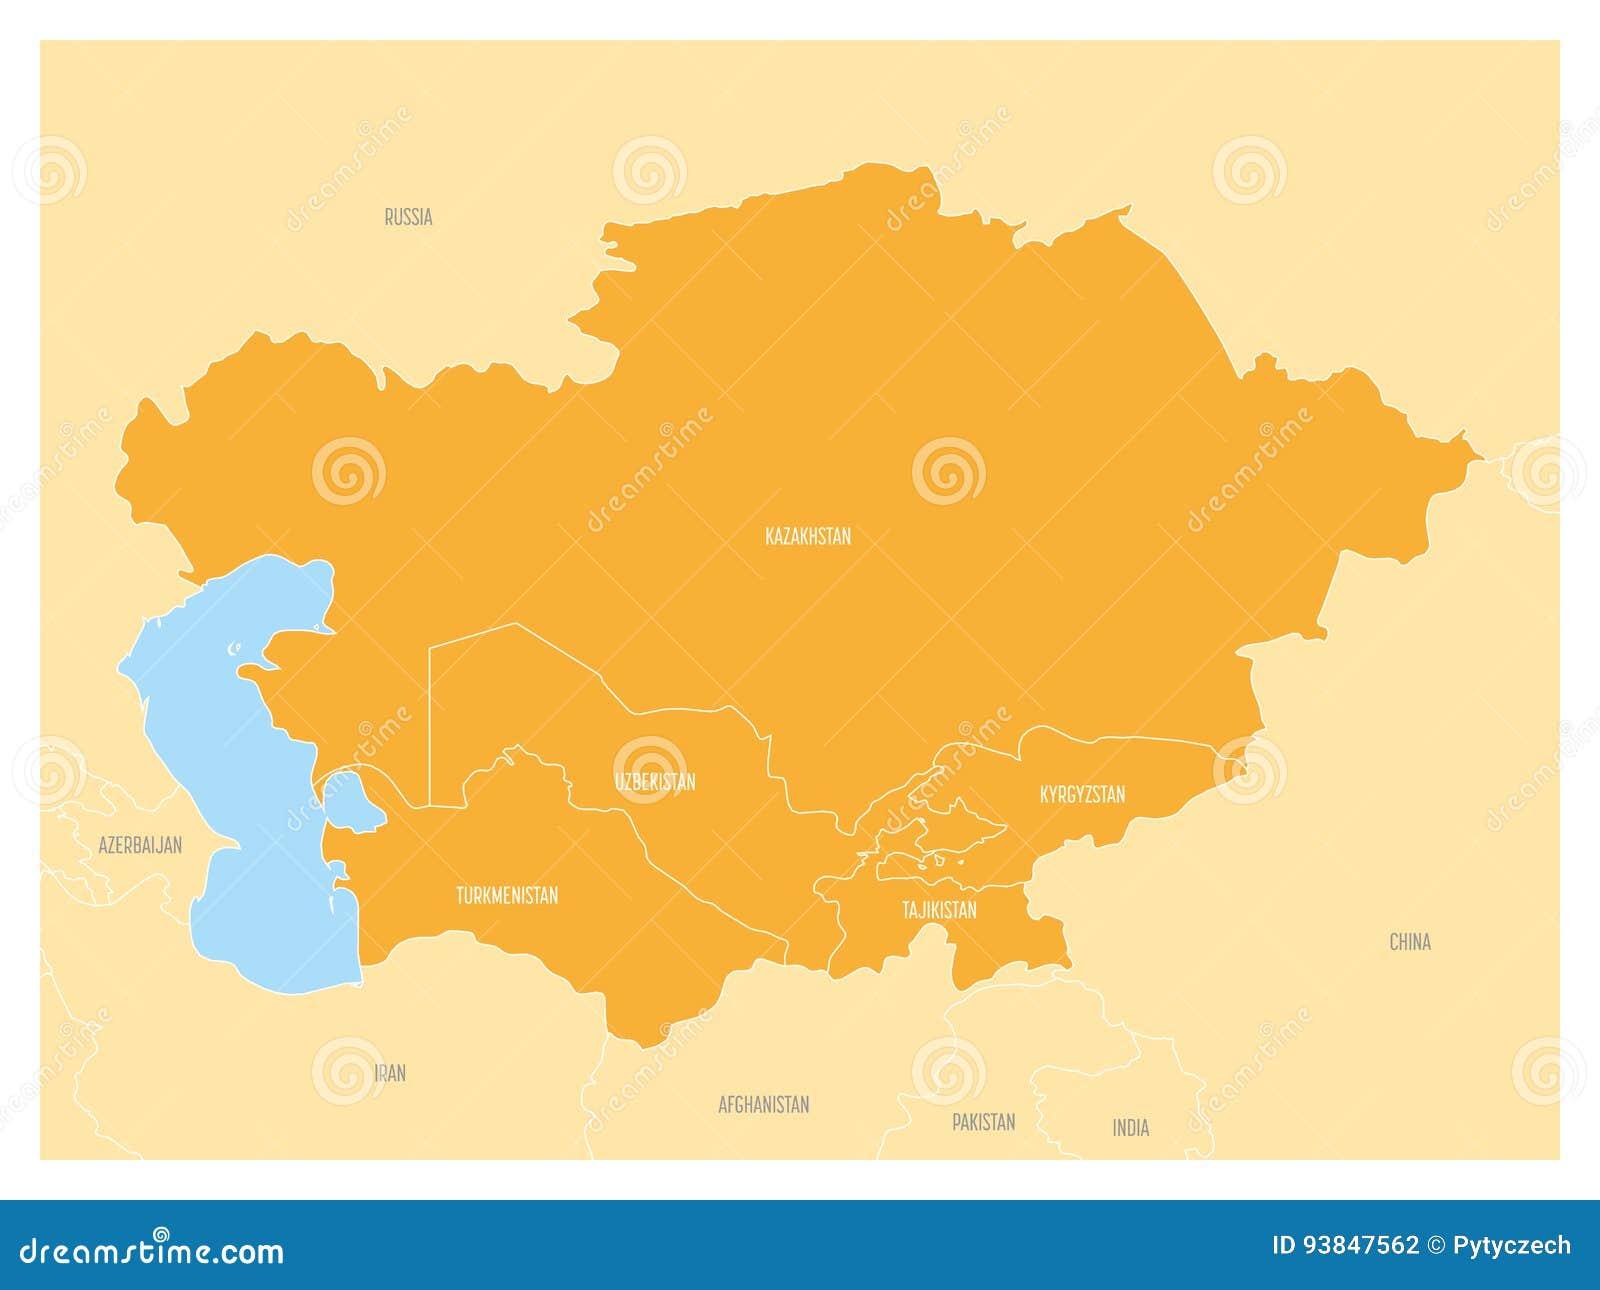 Usbekistan Karte.Karte Von Zentralasien Region Mit Orange Hervorgehobenem Kasachstan